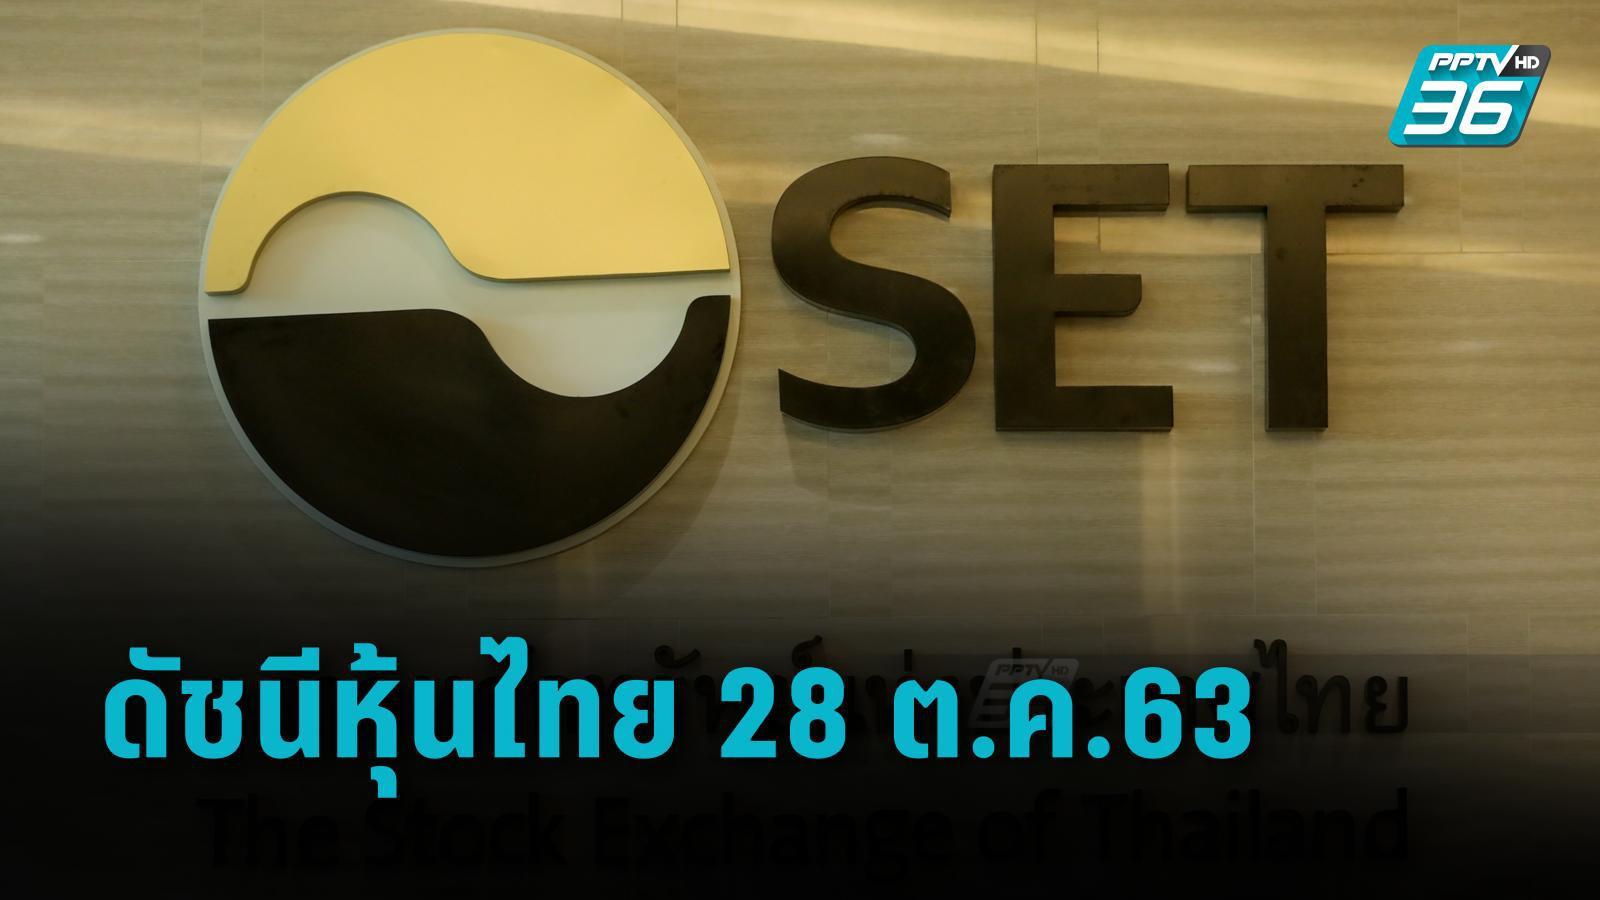 ดัชนีหุ้นไทย 28 ต.ค.63 ปิดการซื้อขายเช้าที่ 1,216.95 จุด เพิ่มขึ้น 8.00 จุด